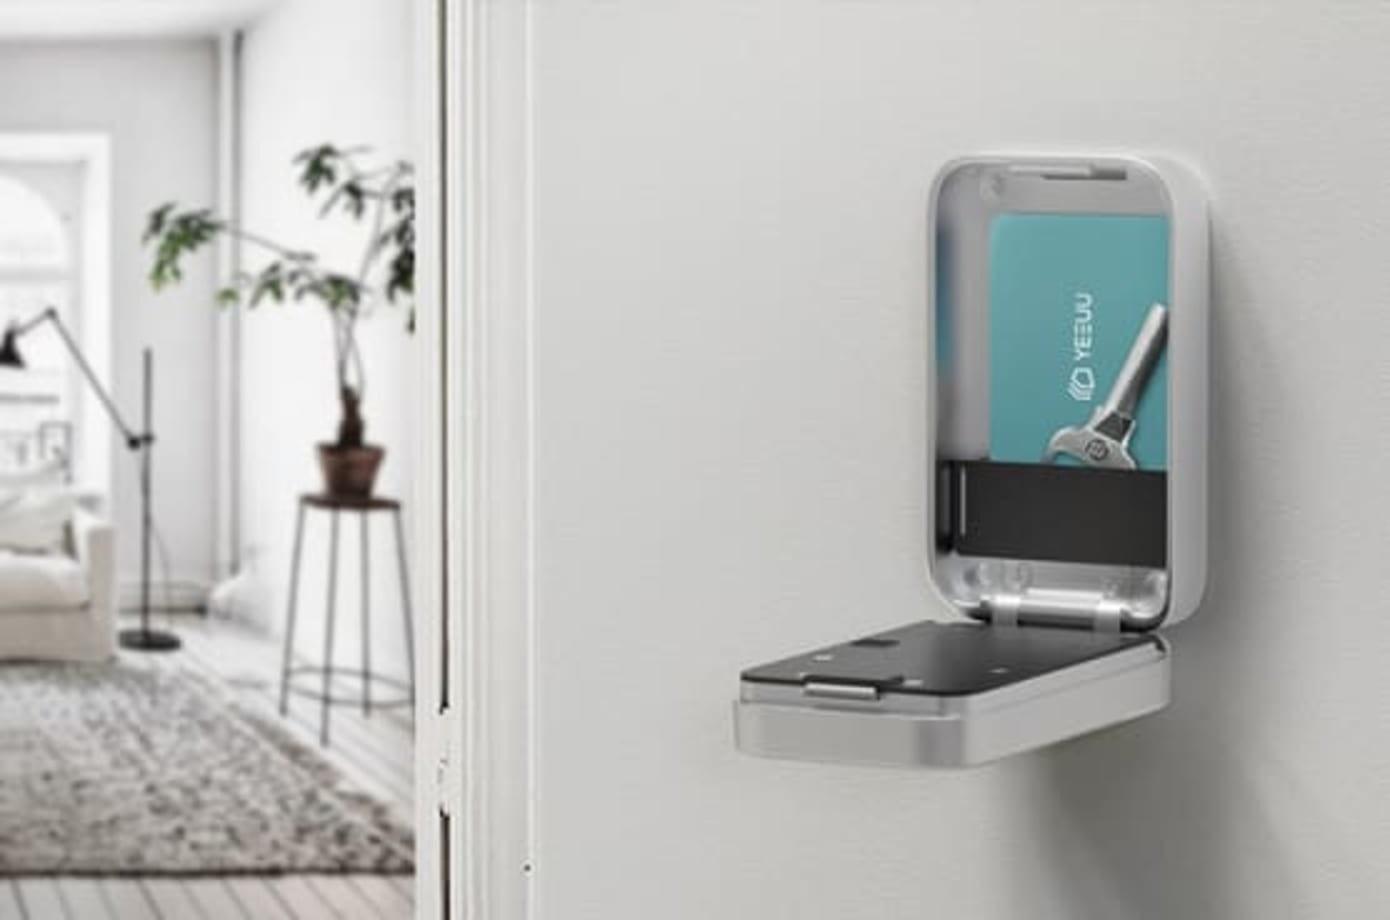 照片中提到了O YEEUU,包含了老式公寓、智能鎖、室內設計服務、家具類、門